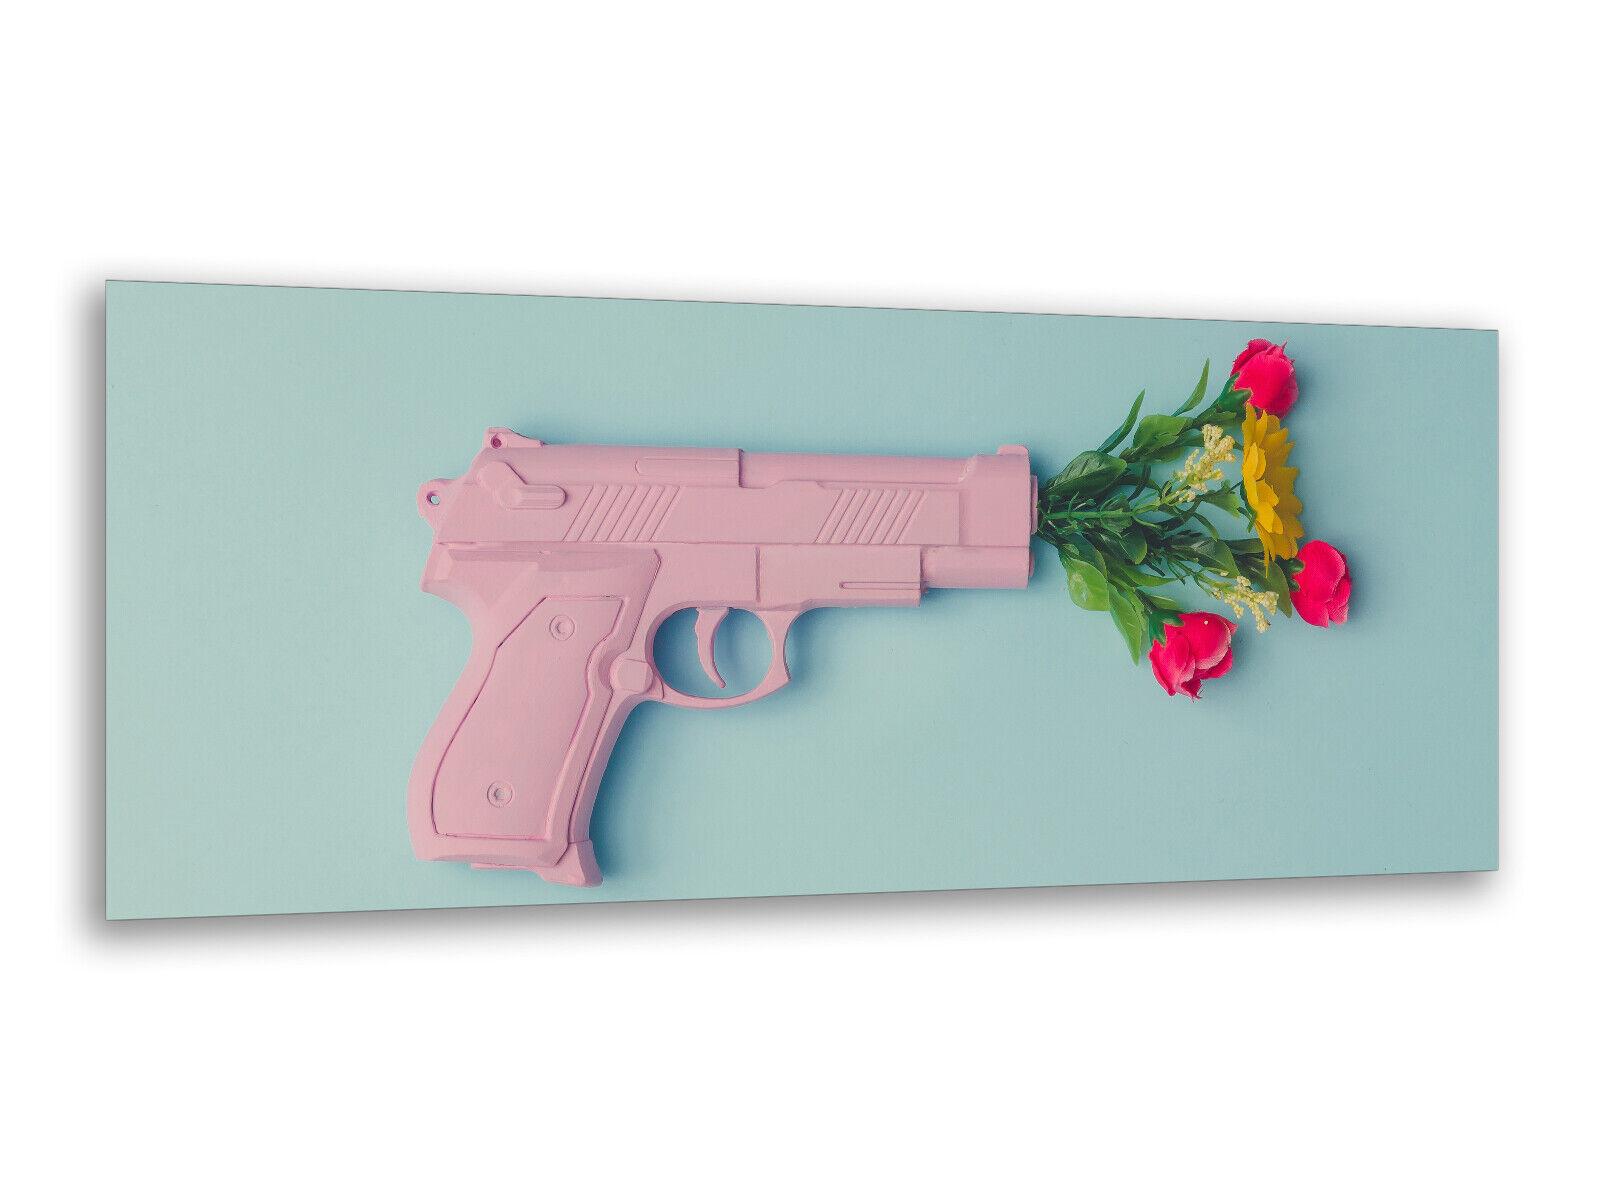 Glasbilder Wandbilder 125 x 50cm Pistolen Strauß AG312502851